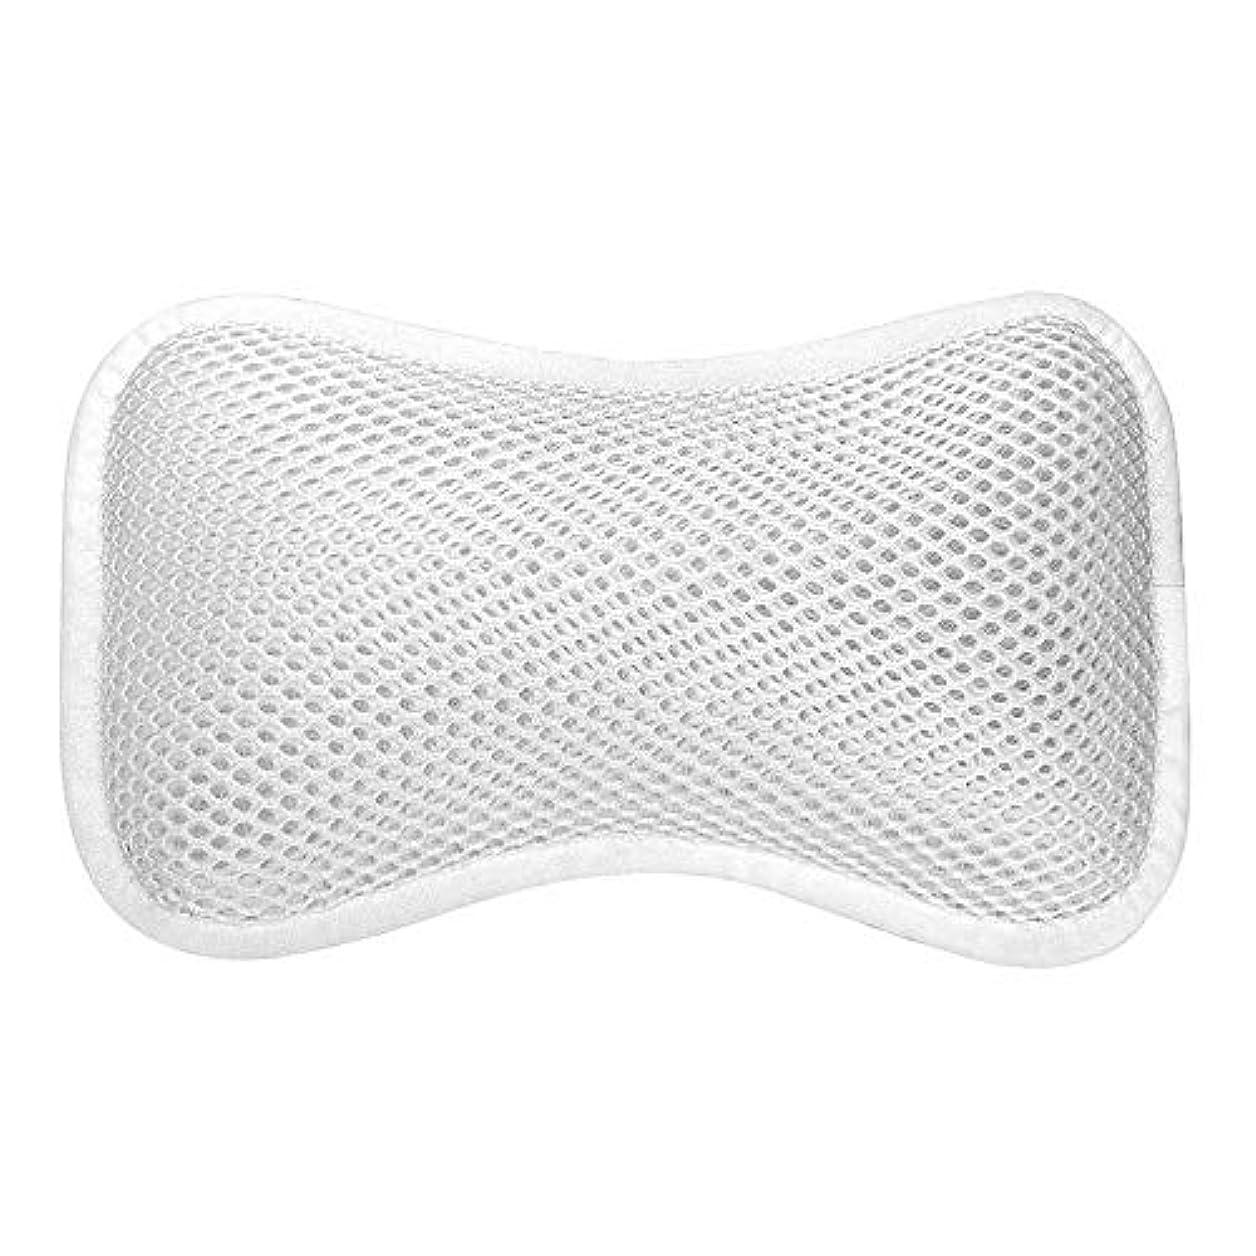 悪意のあるモンキー見出し3D網の骨の定形バスタブの枕、吸盤が付いている人間工学的の設計滑り止??めの浴槽の枕